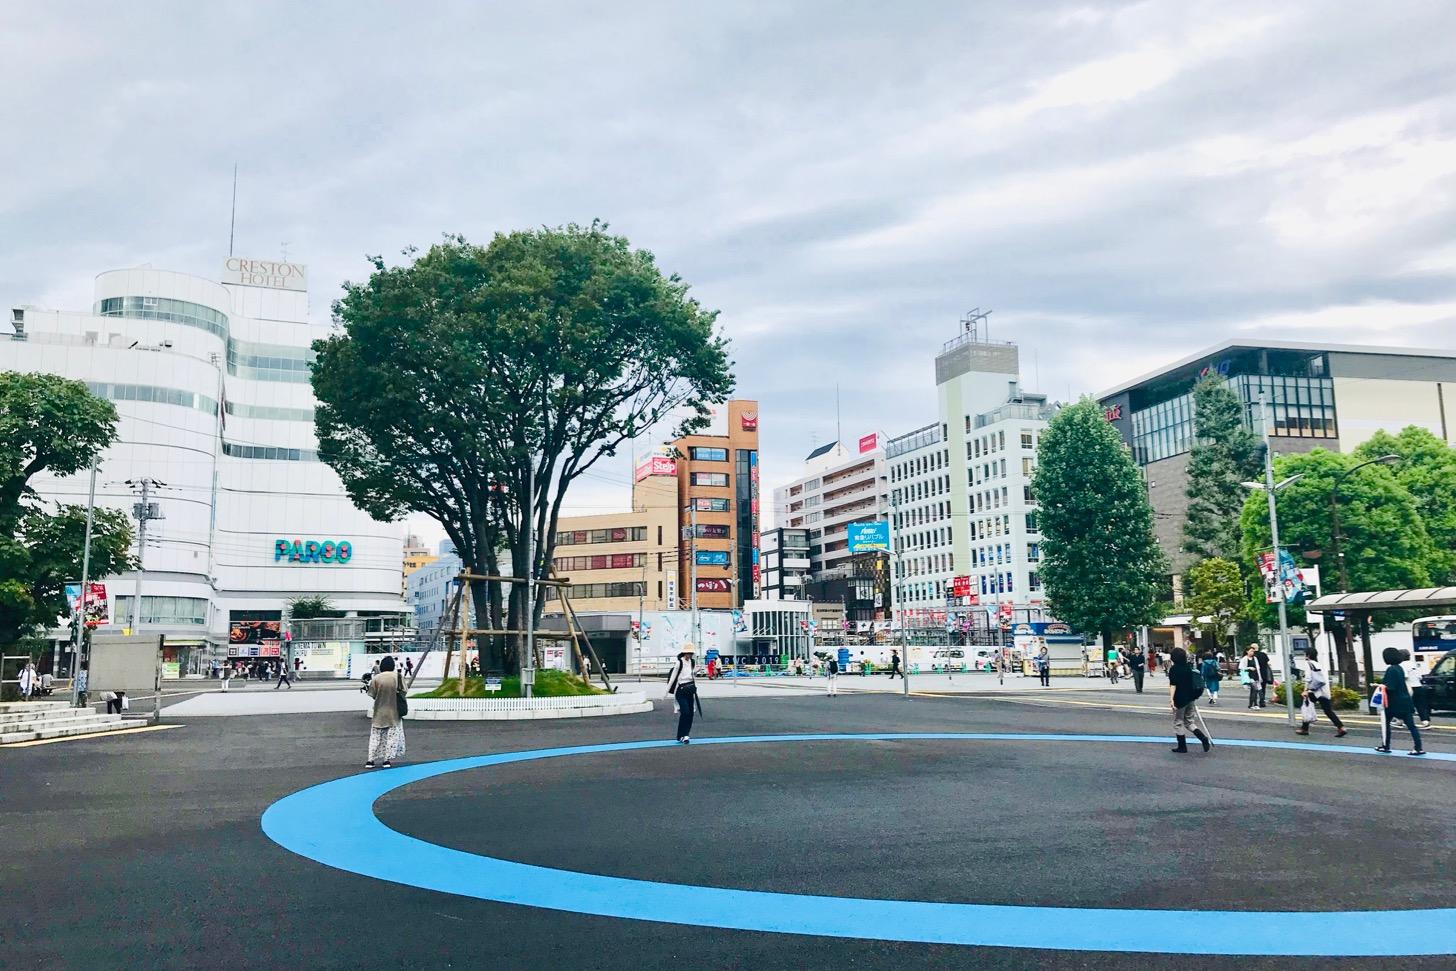 【ラグビーワールドカップ2019】調布駅前広場で「ファンゾーン in 東京」が開催。ラグビーアクティビティ会場